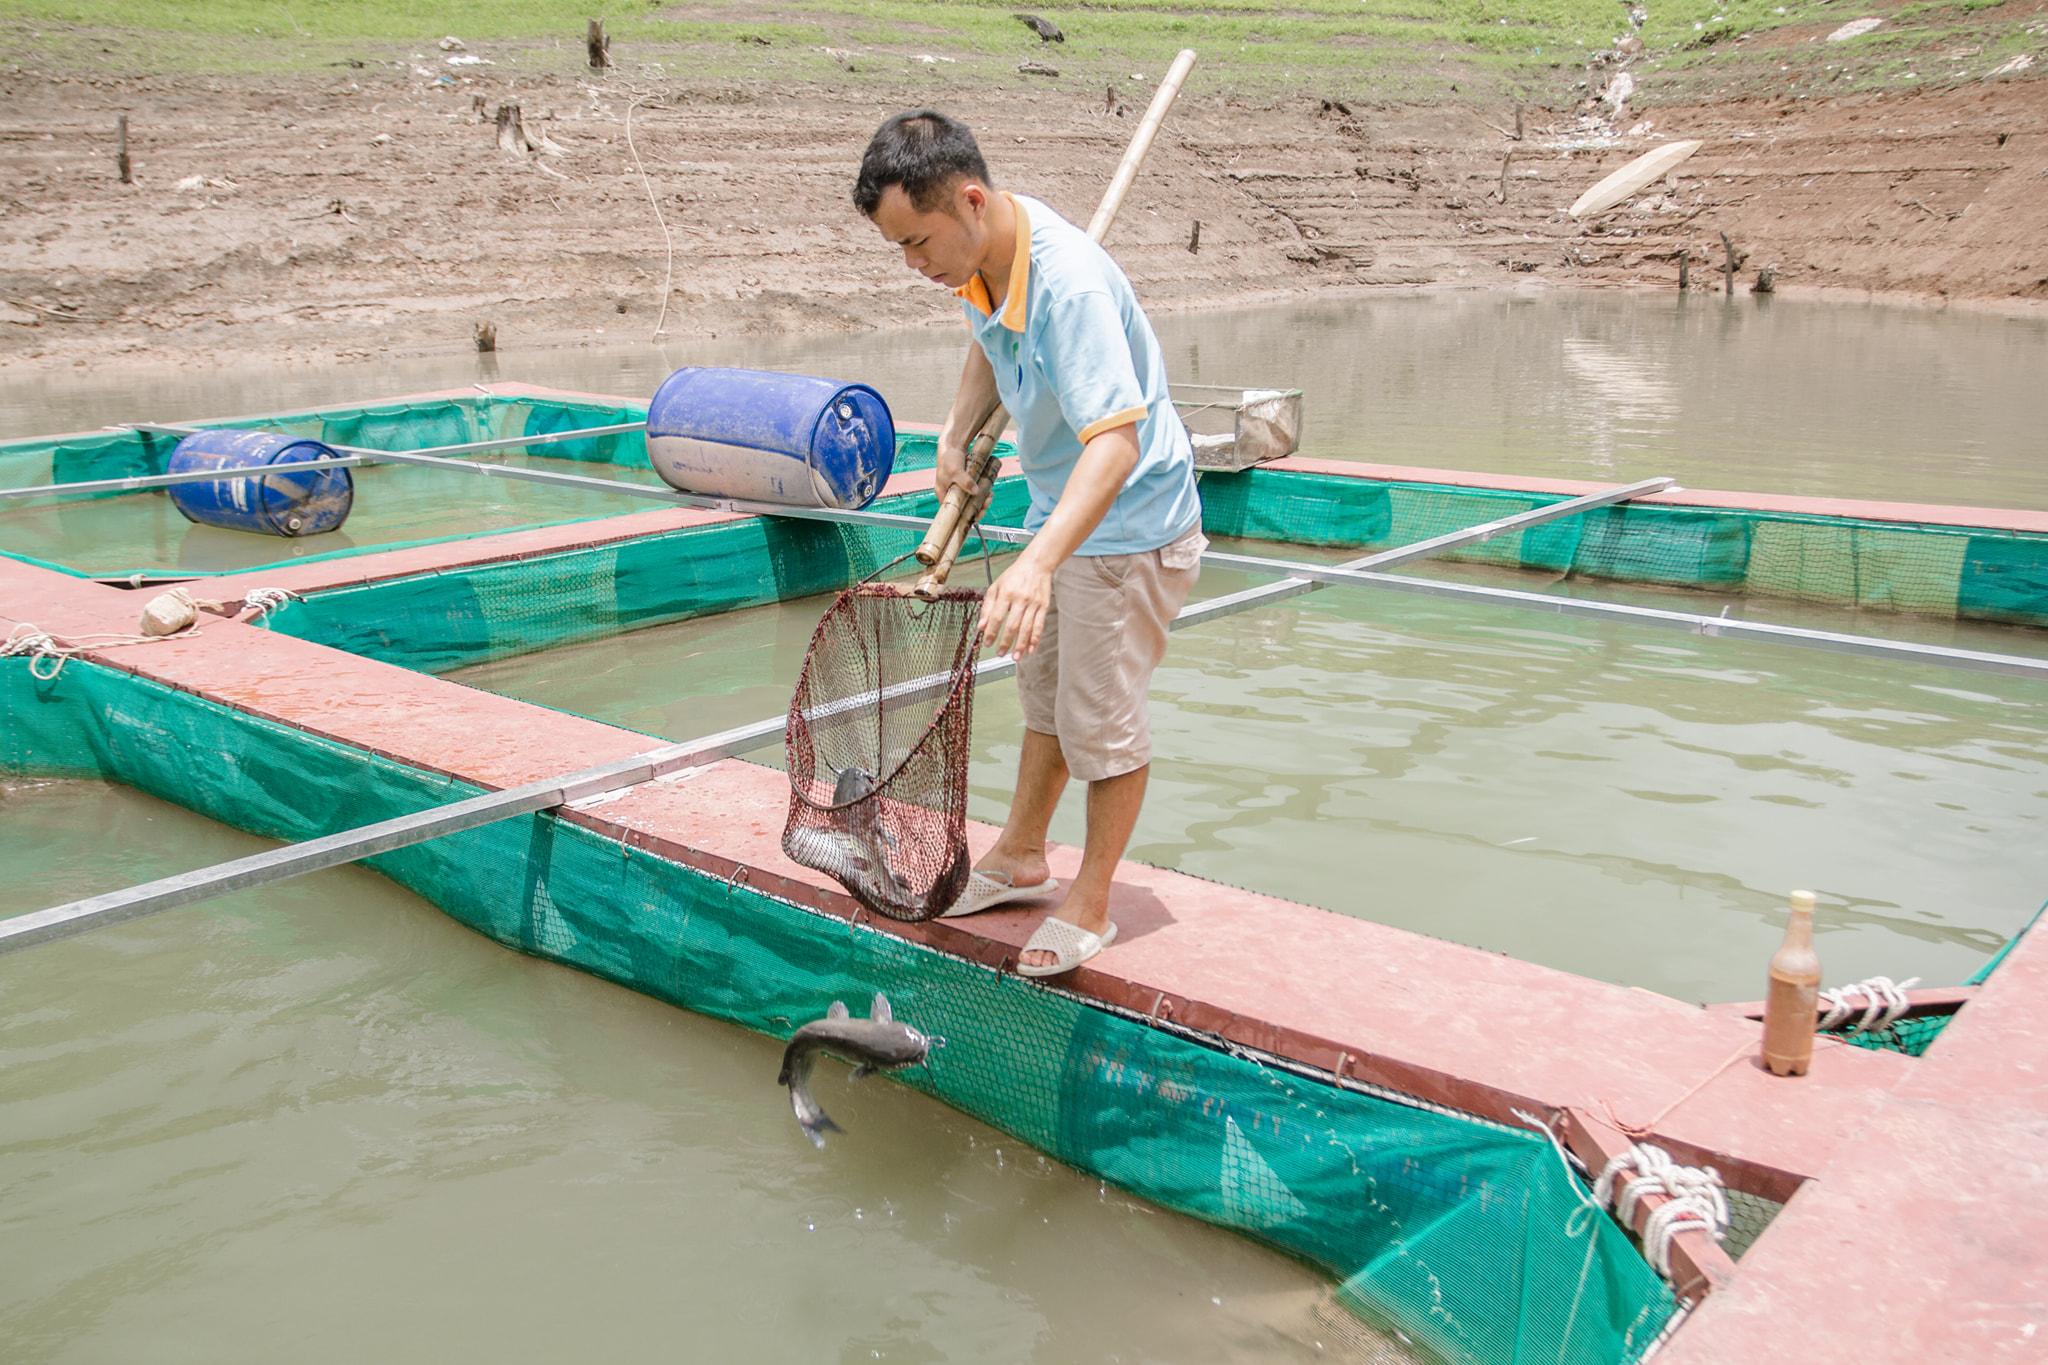 Trải nghiệm hoạt động bắt cá. Hình: Sưu tầm